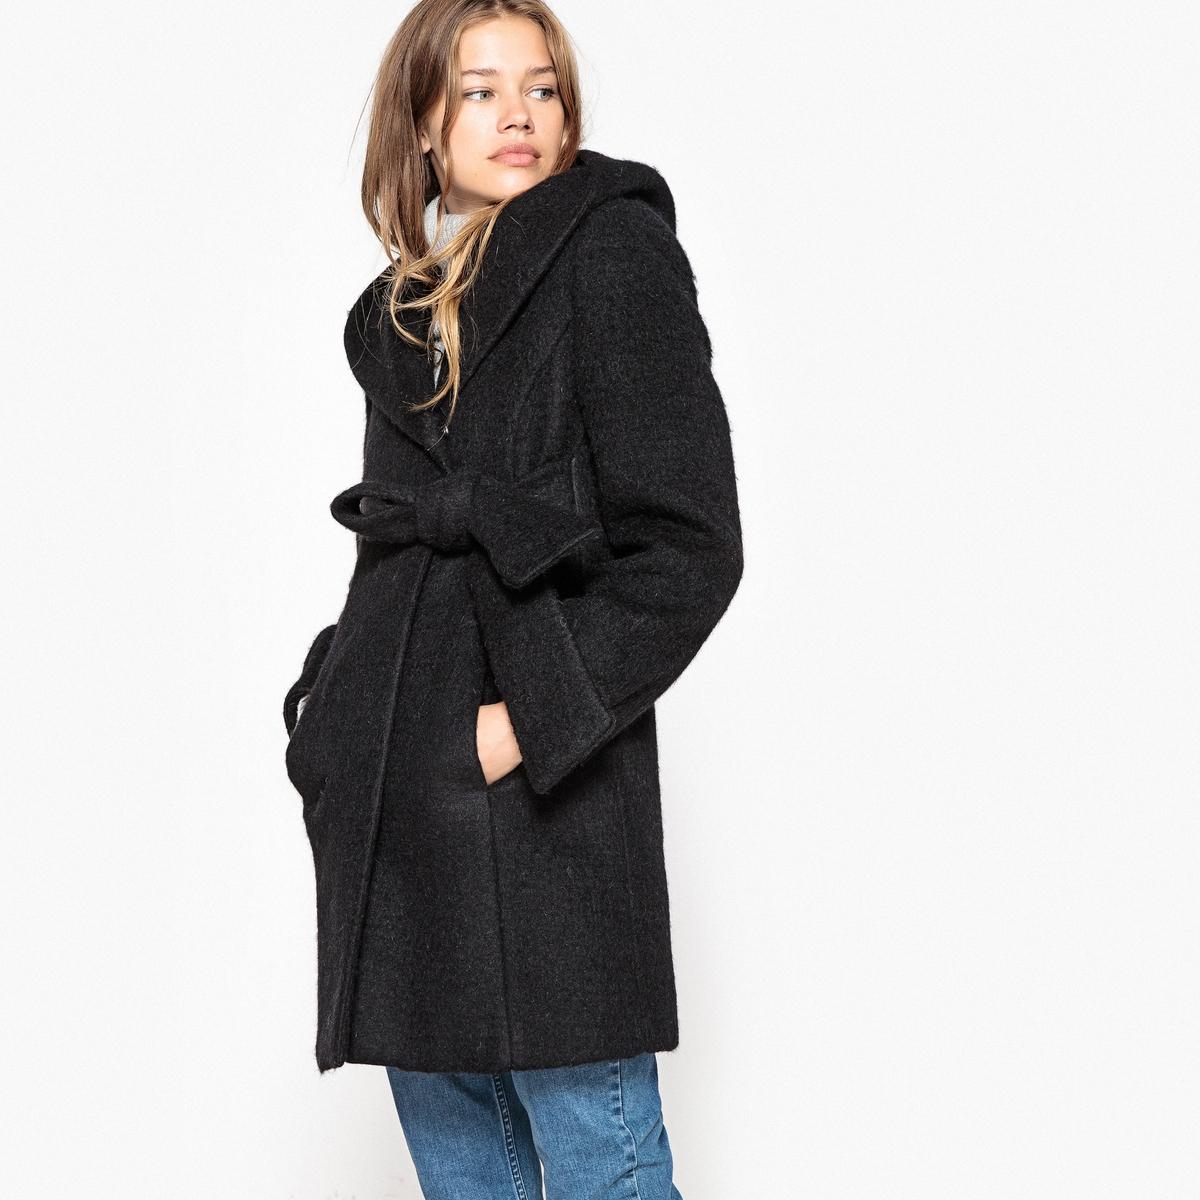 Пальто женское в форме халата пальто